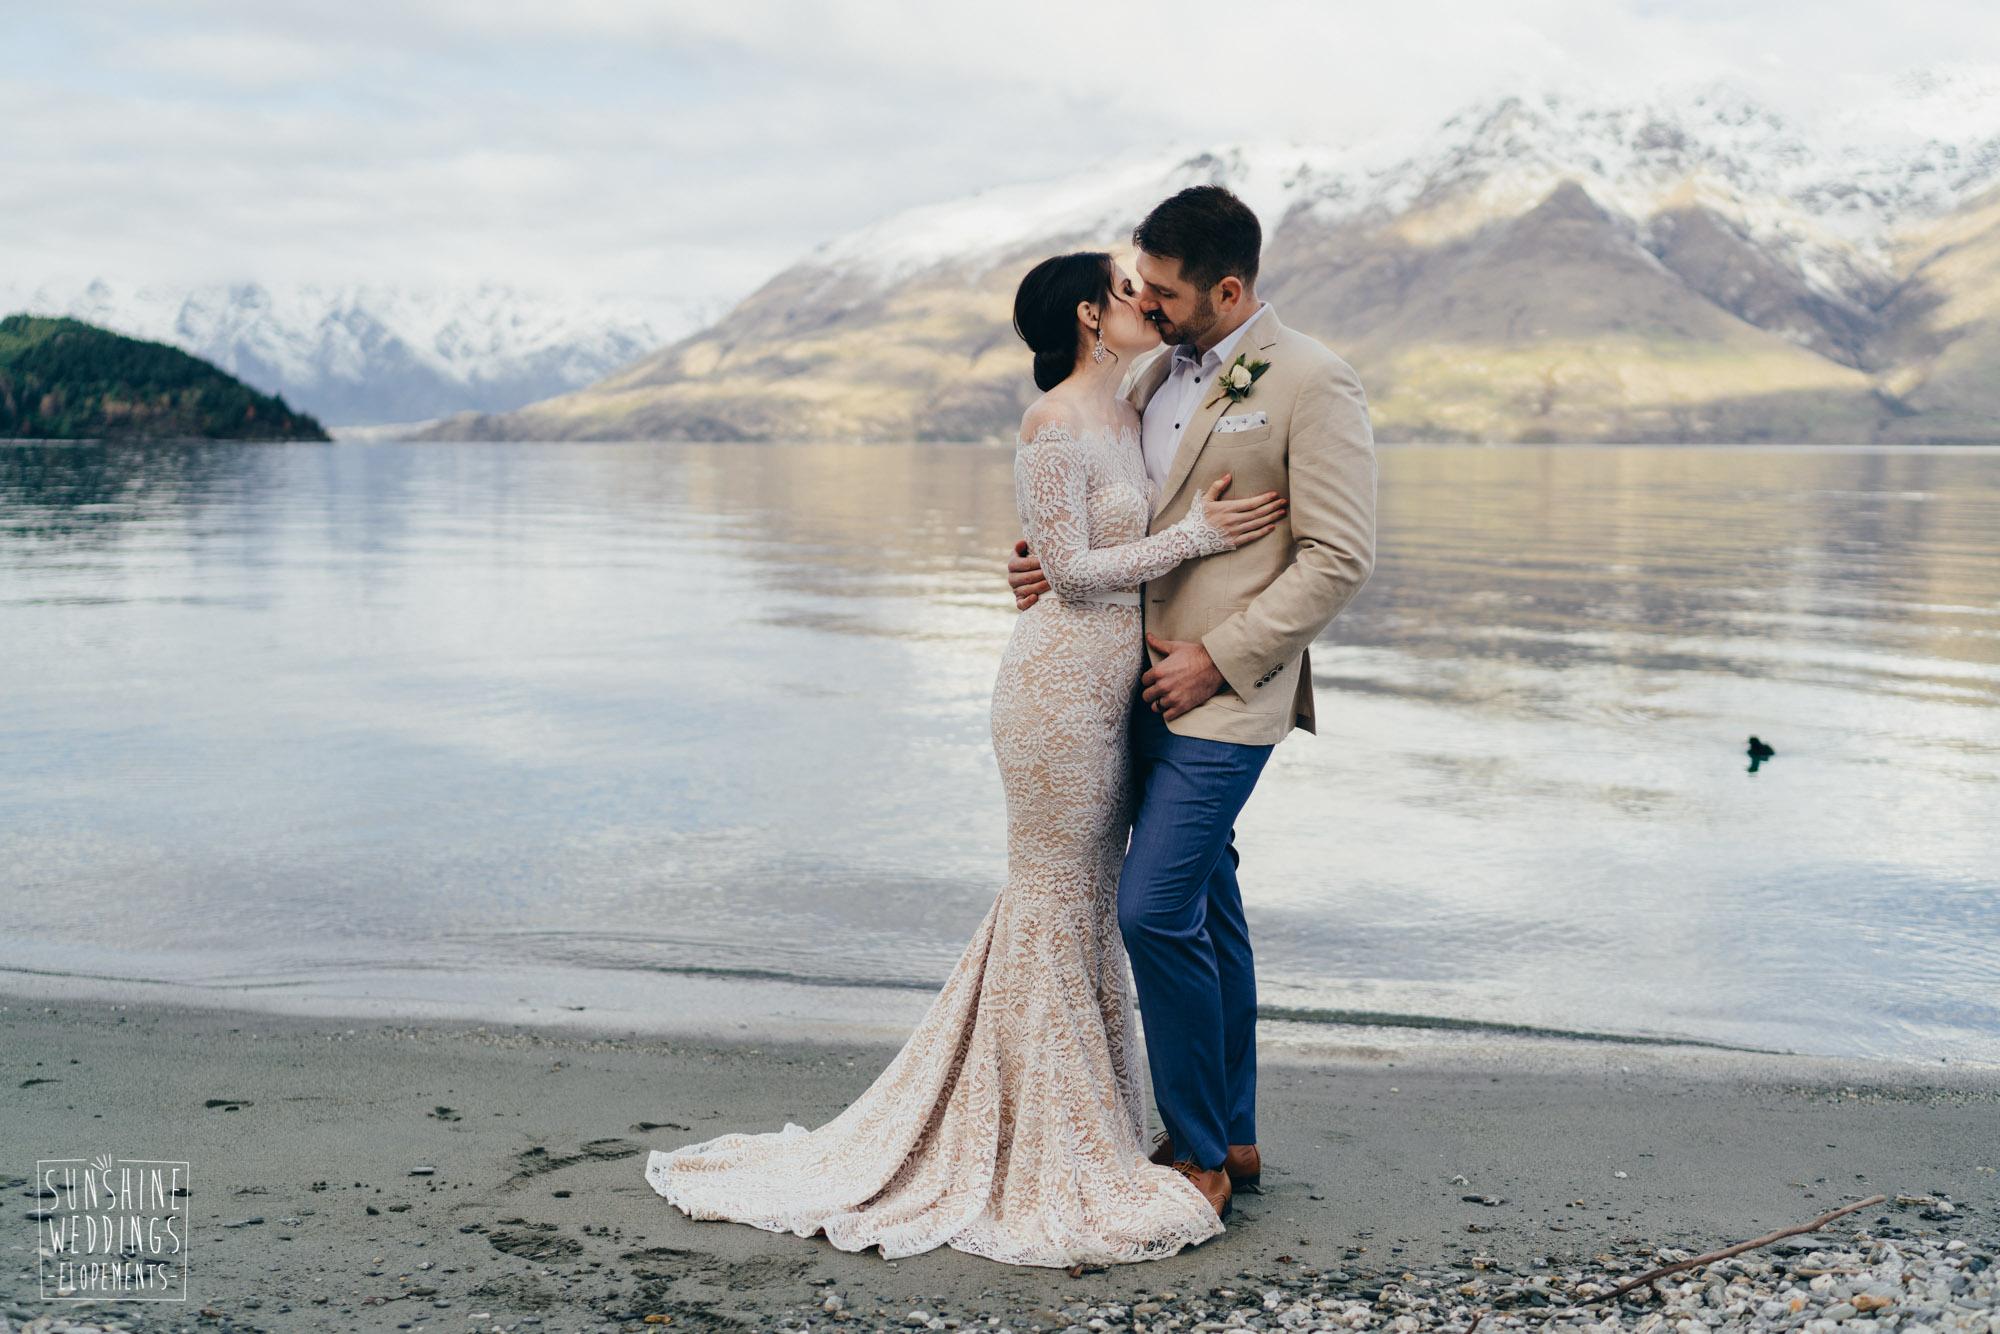 Wedding photographer Queenstown